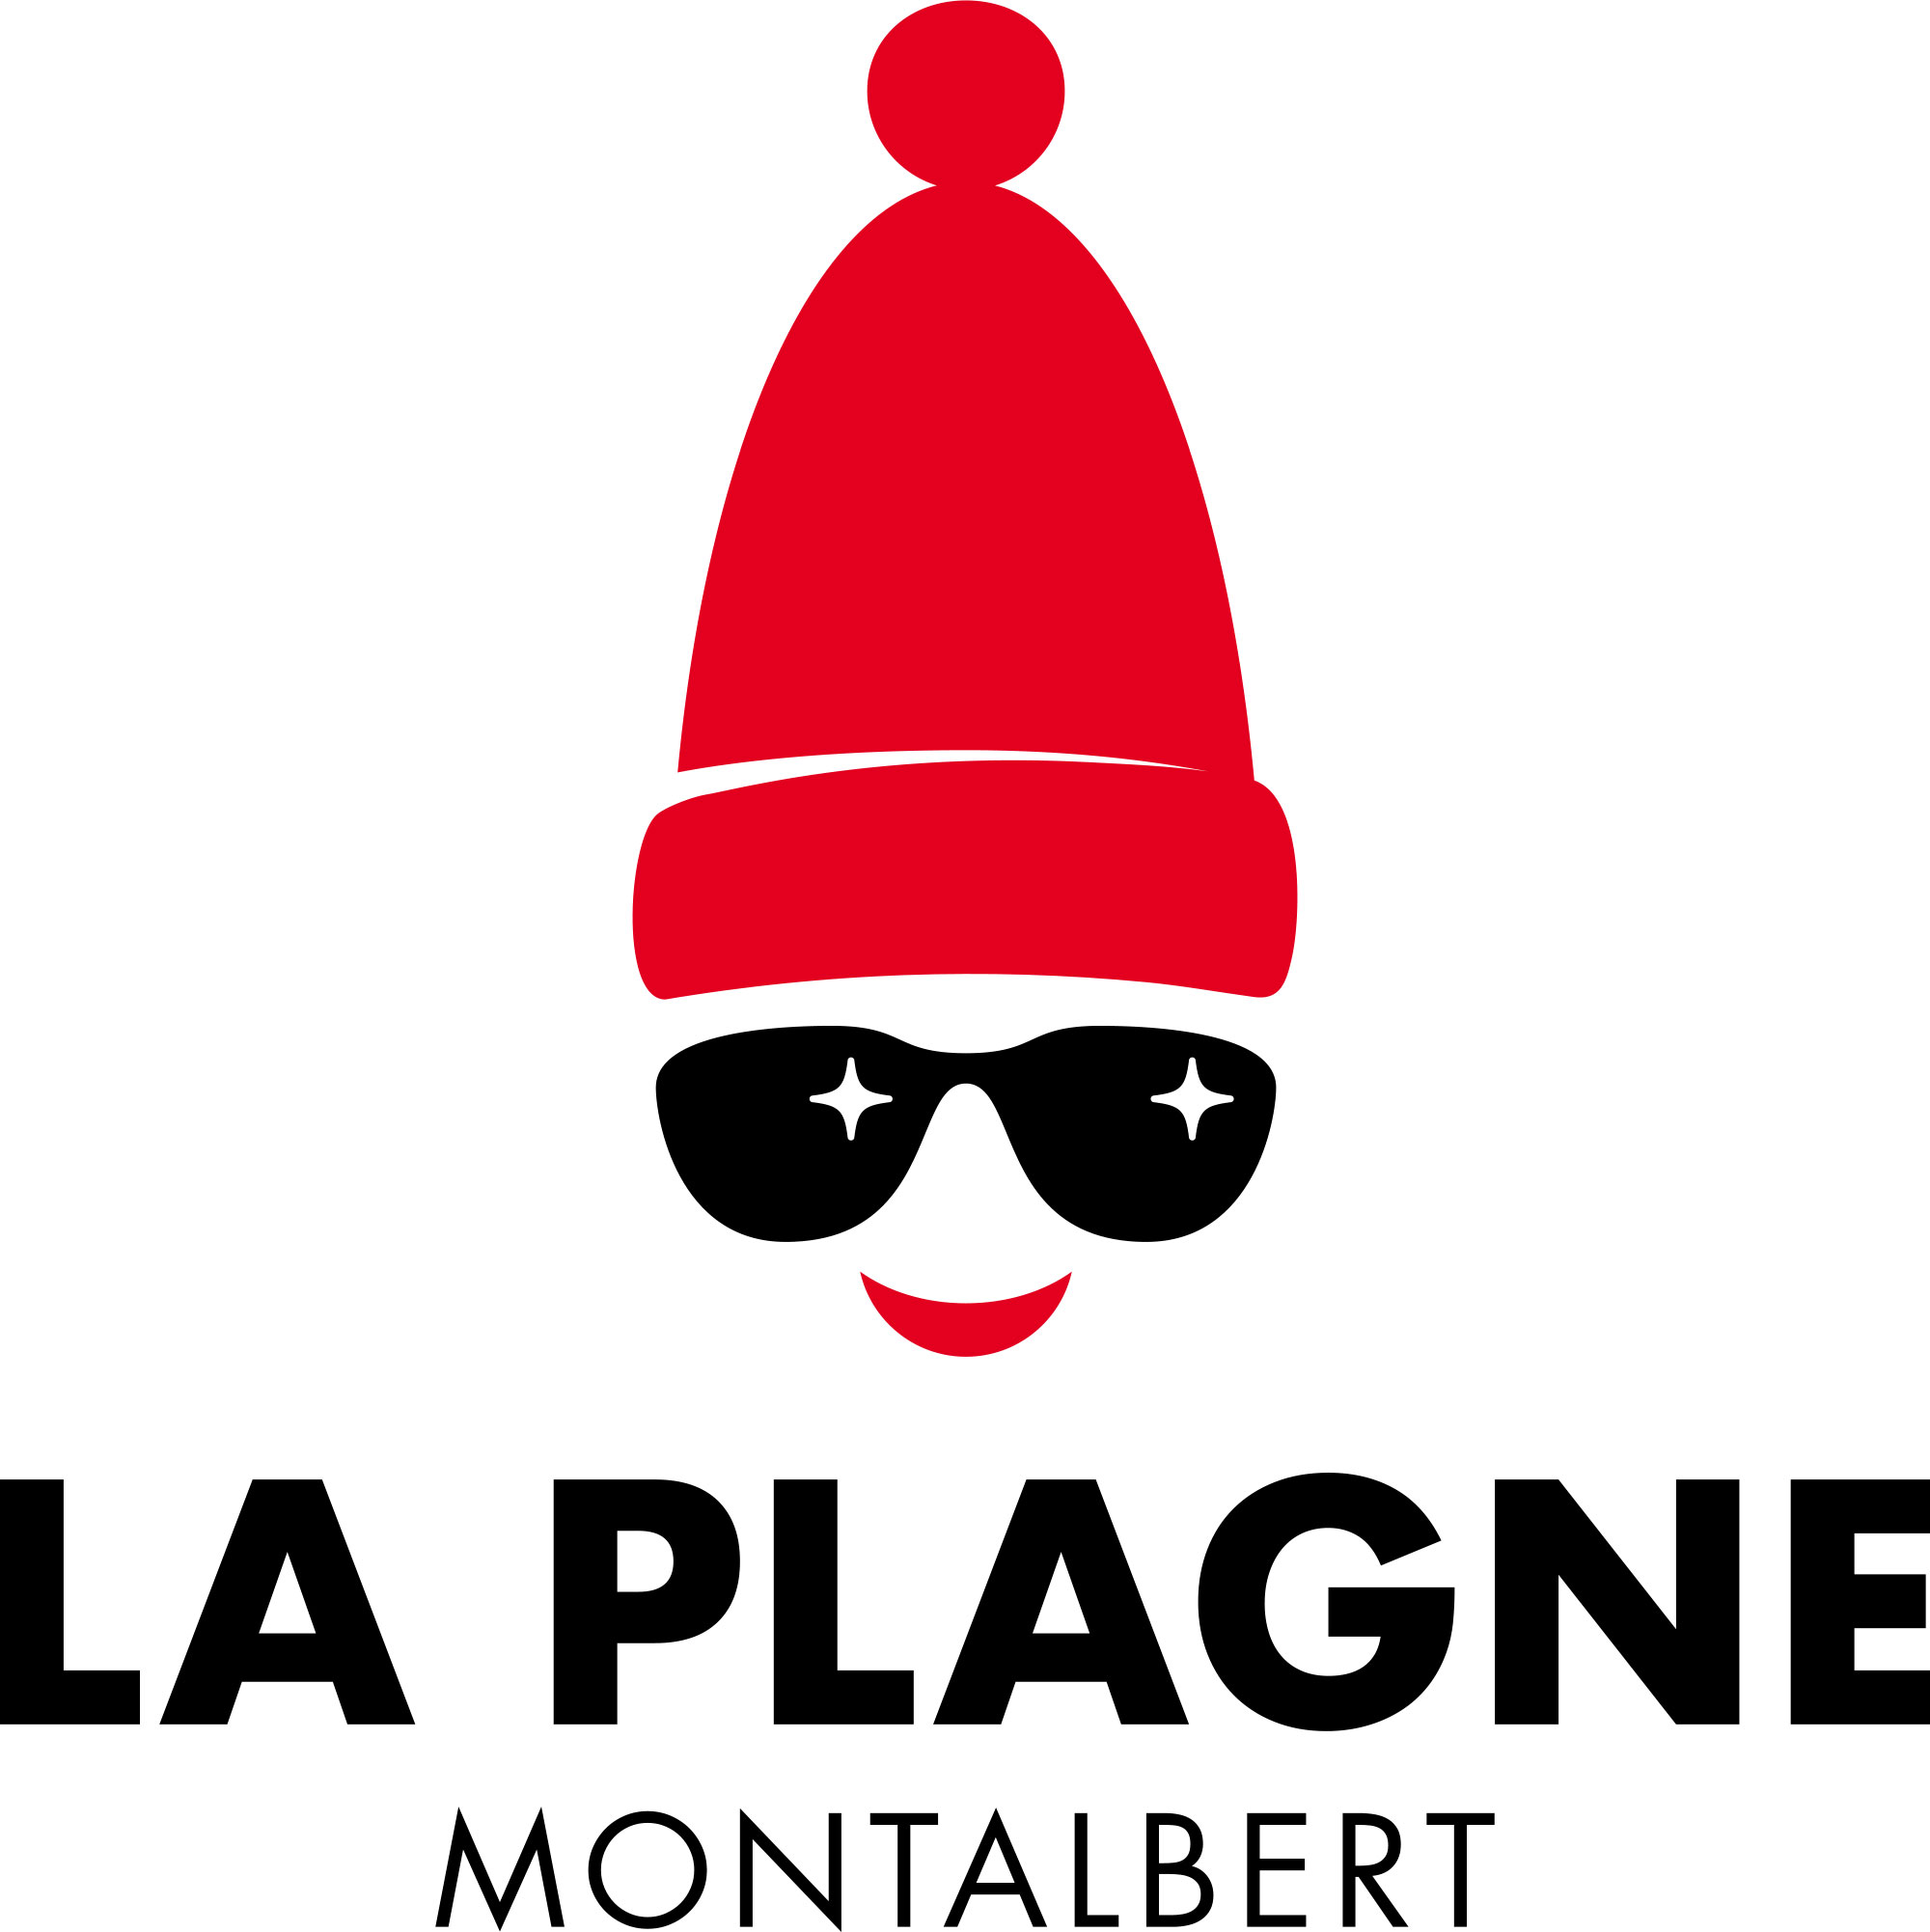 Resort Montalbert